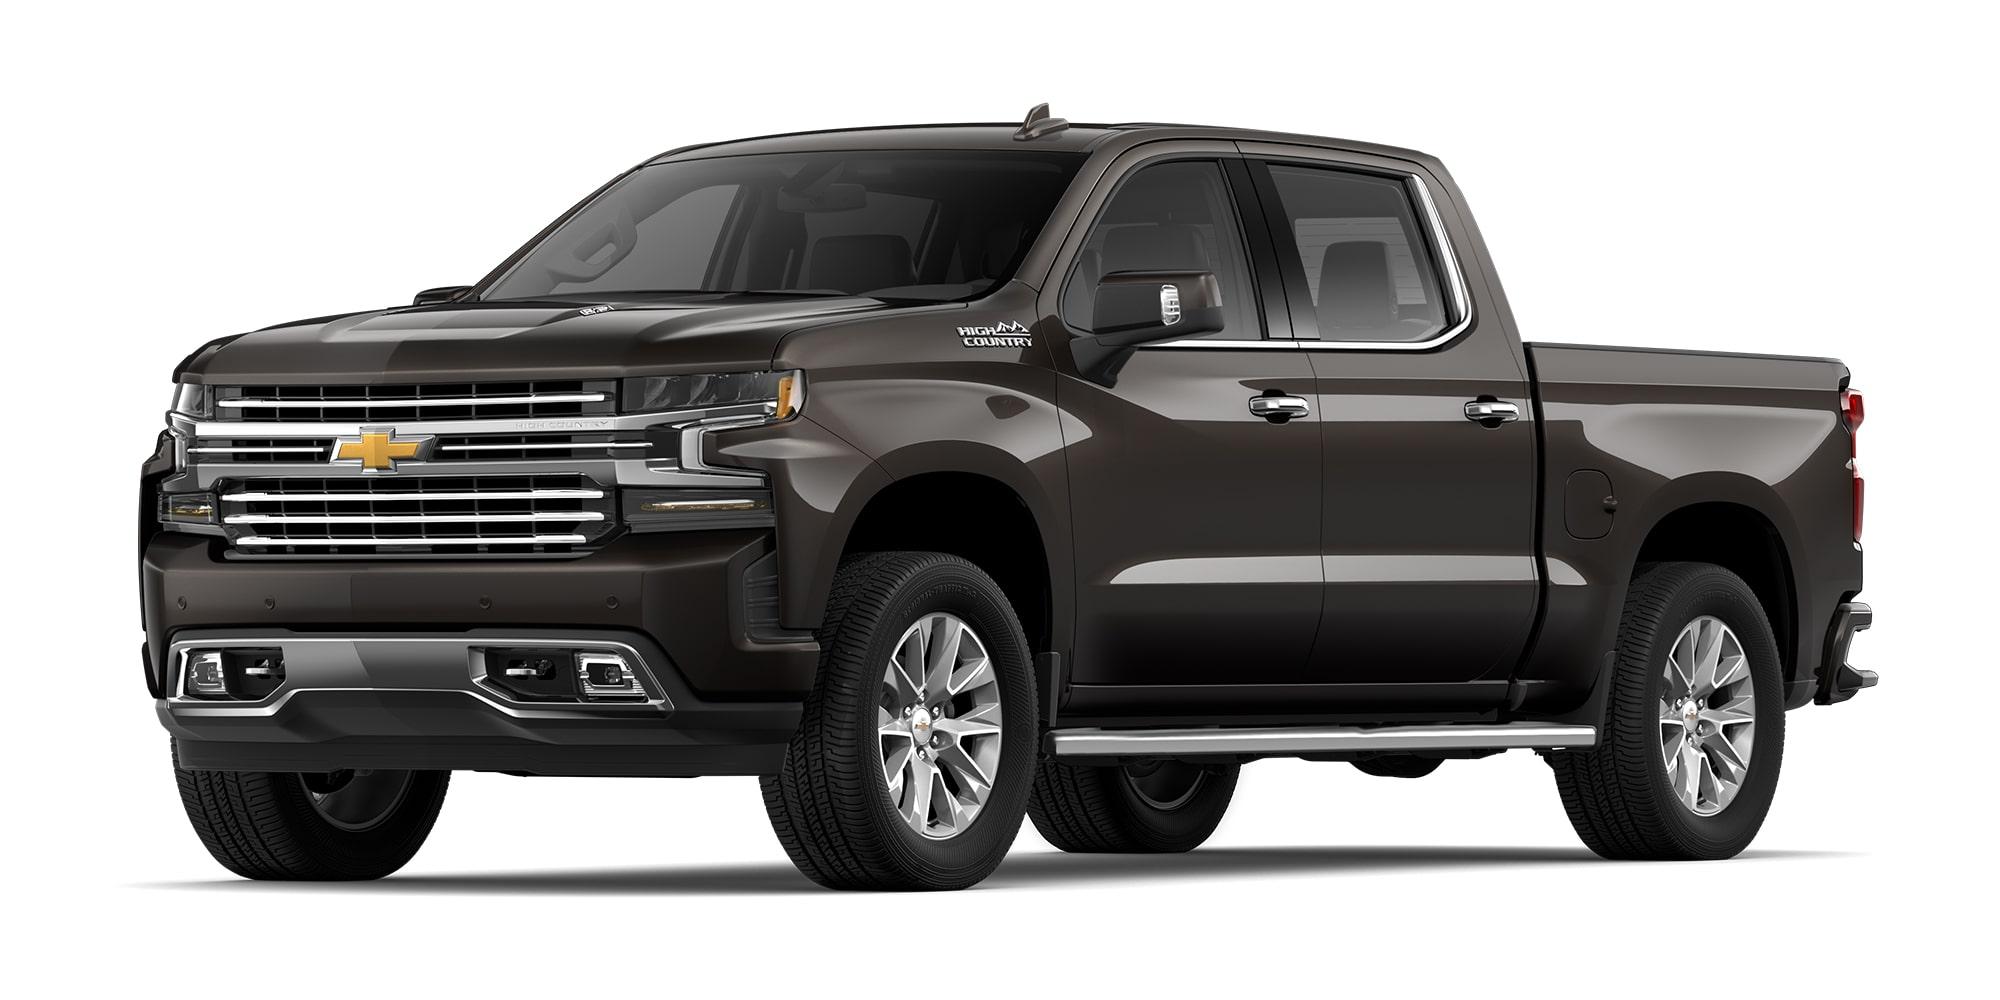 Chevrolet Cheyenne 2021, camioneta doble cabina versión High Country con rines en aluminio de 20 pulgadas y tracción 4x4